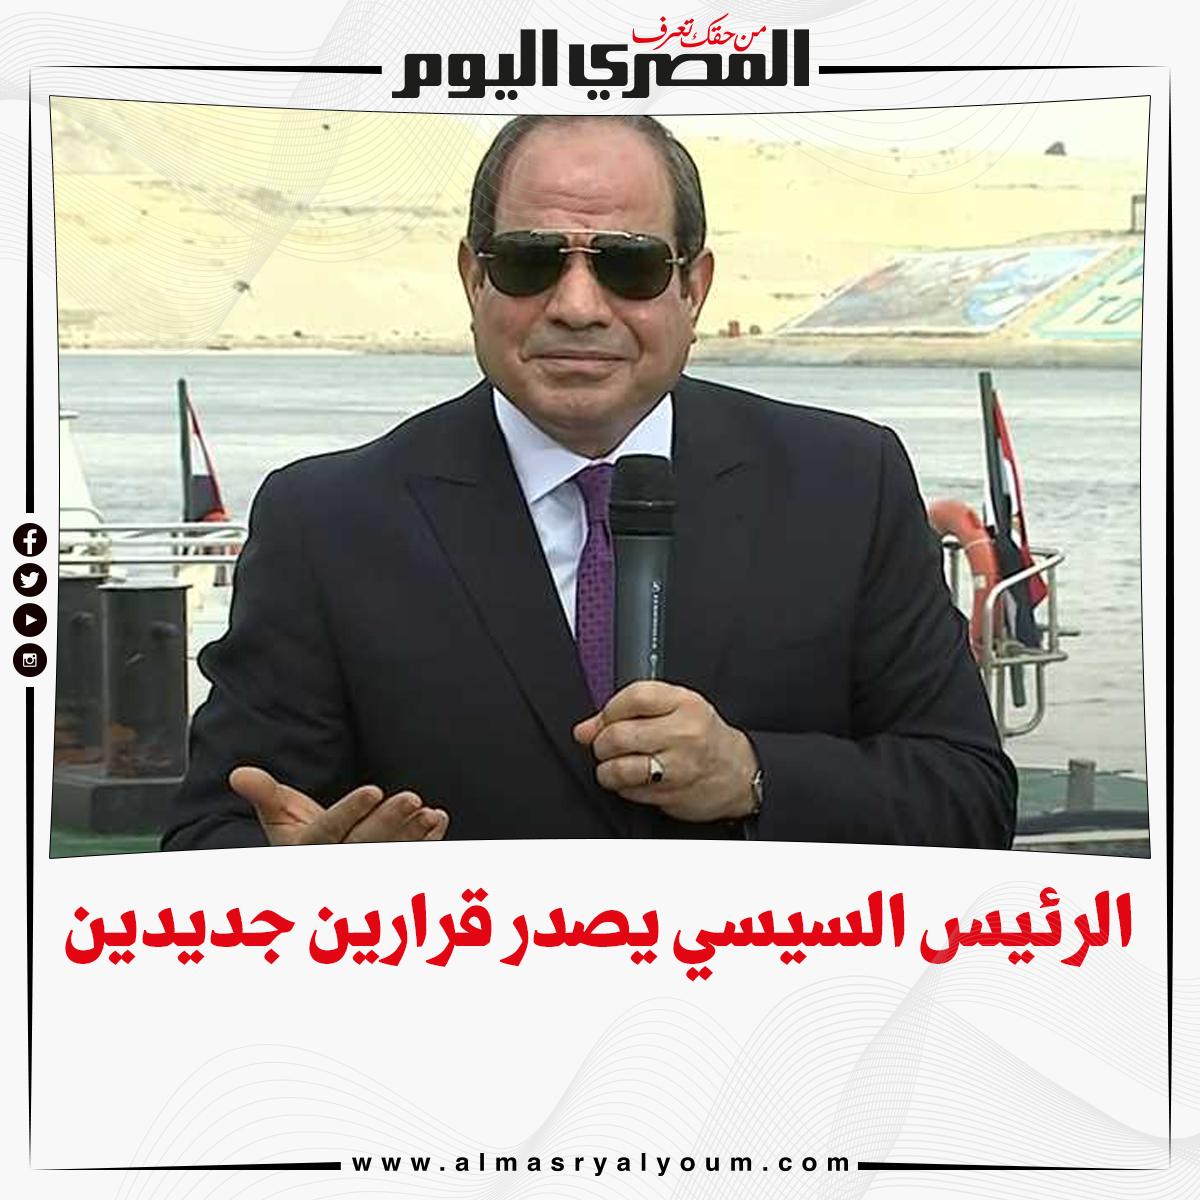 الرئيس السيسي يصدر قرارين جديدين (نص كامل)